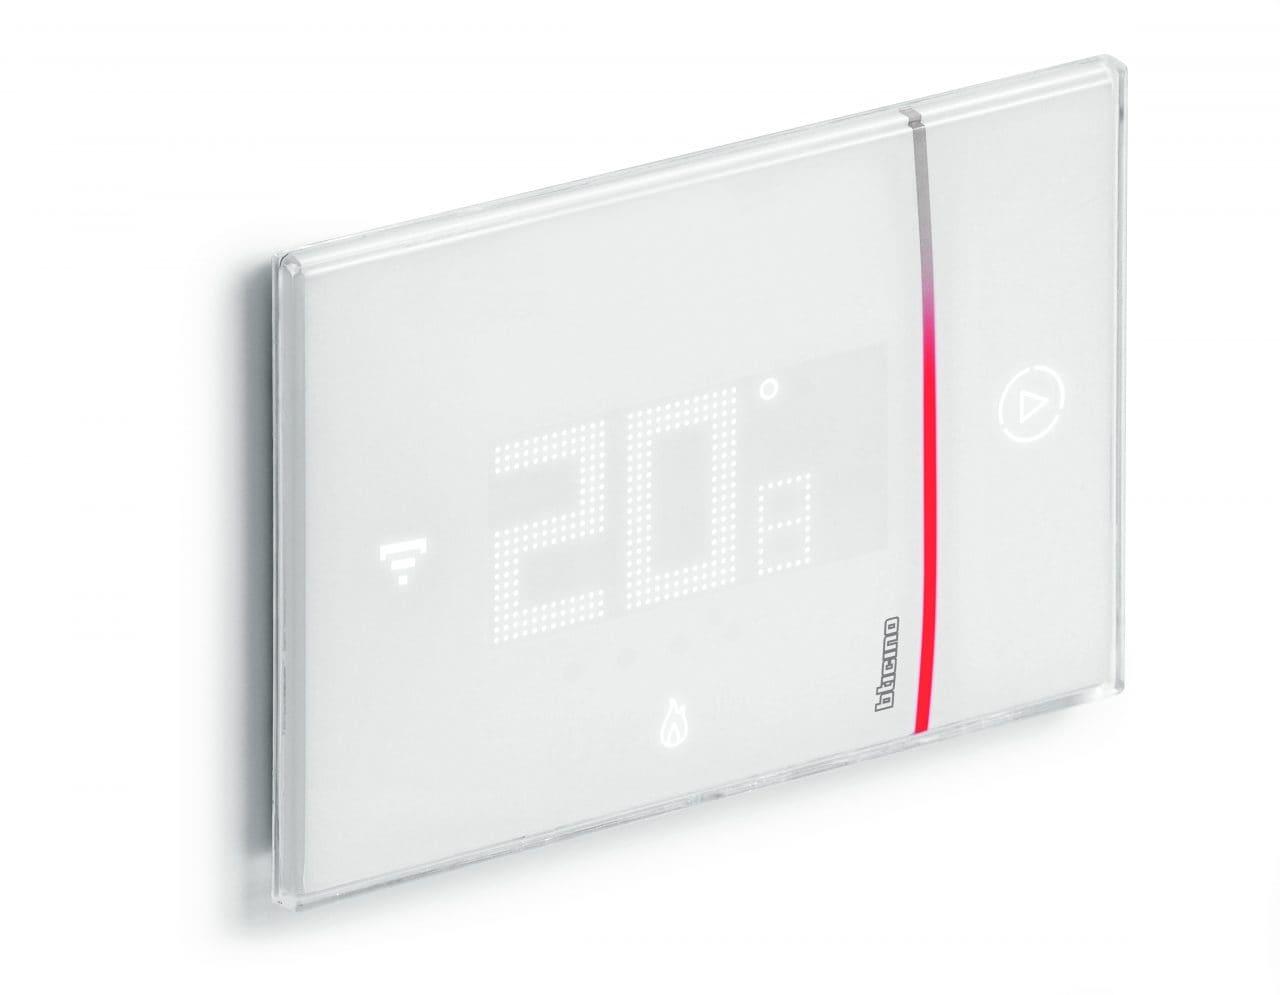 Bticino smarther anteprima del termostato smart con il tasto